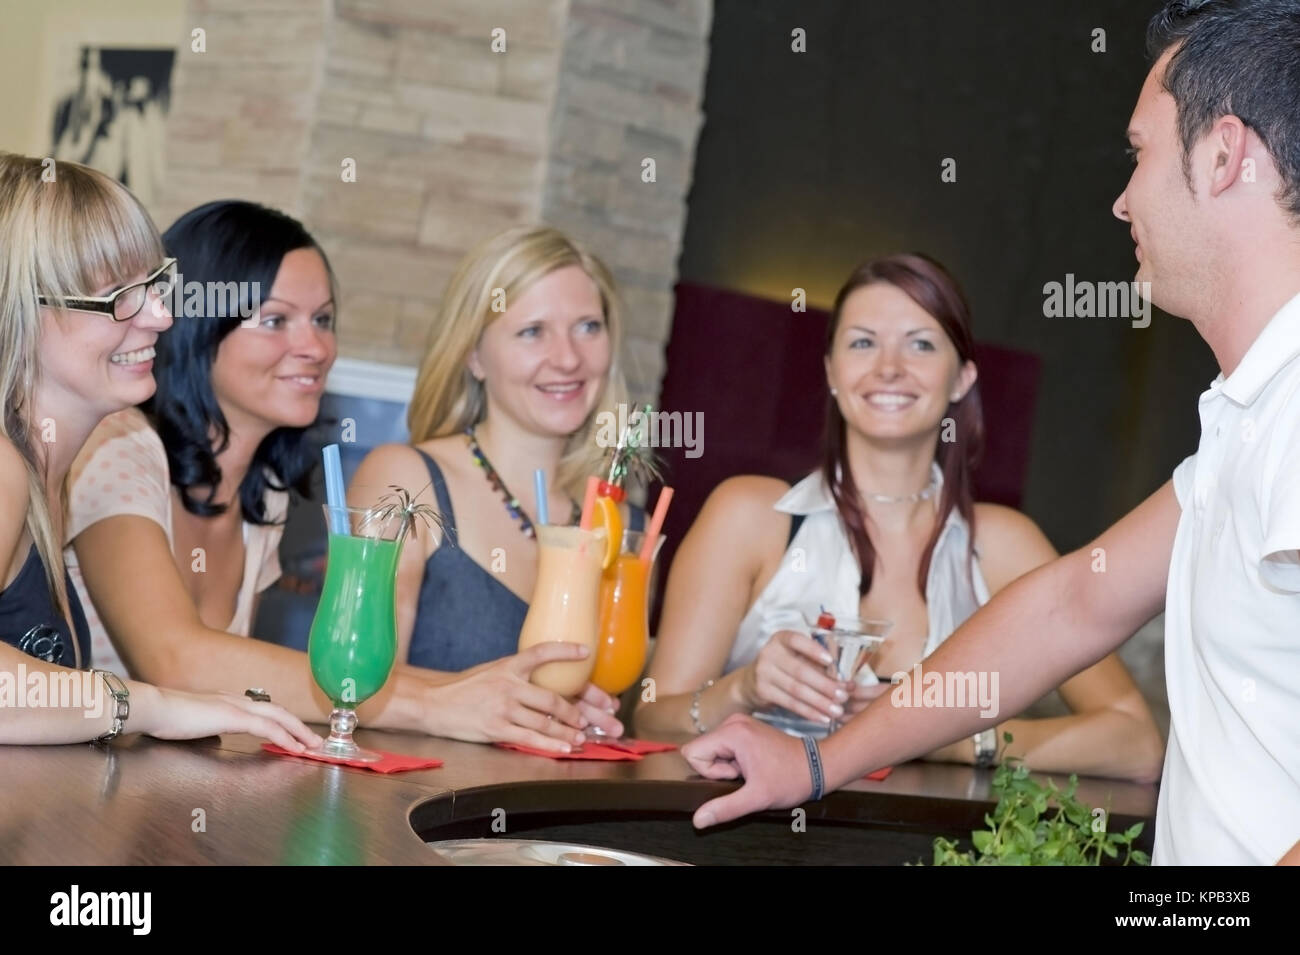 Model Release, Junger Kellner Flirtet Mit Vier Frauen eine der Bar - Barkeeper coquets mit vier Frauen an der bar Stockbild